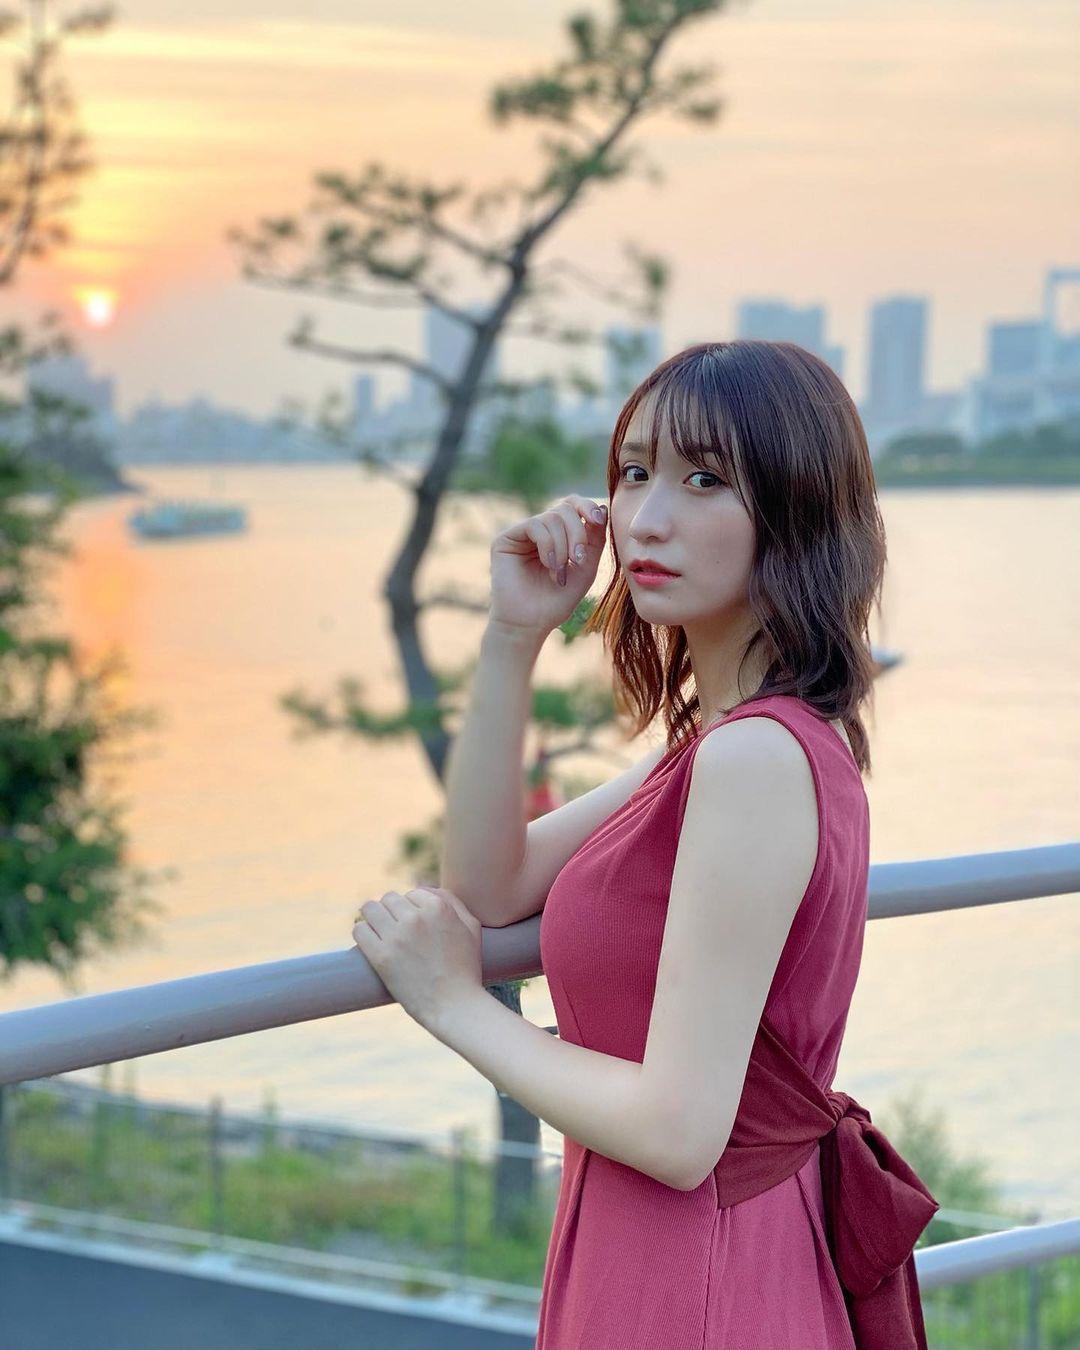 日本女星「伊藤爱真」日常美图分享鉴赏-觅爱图